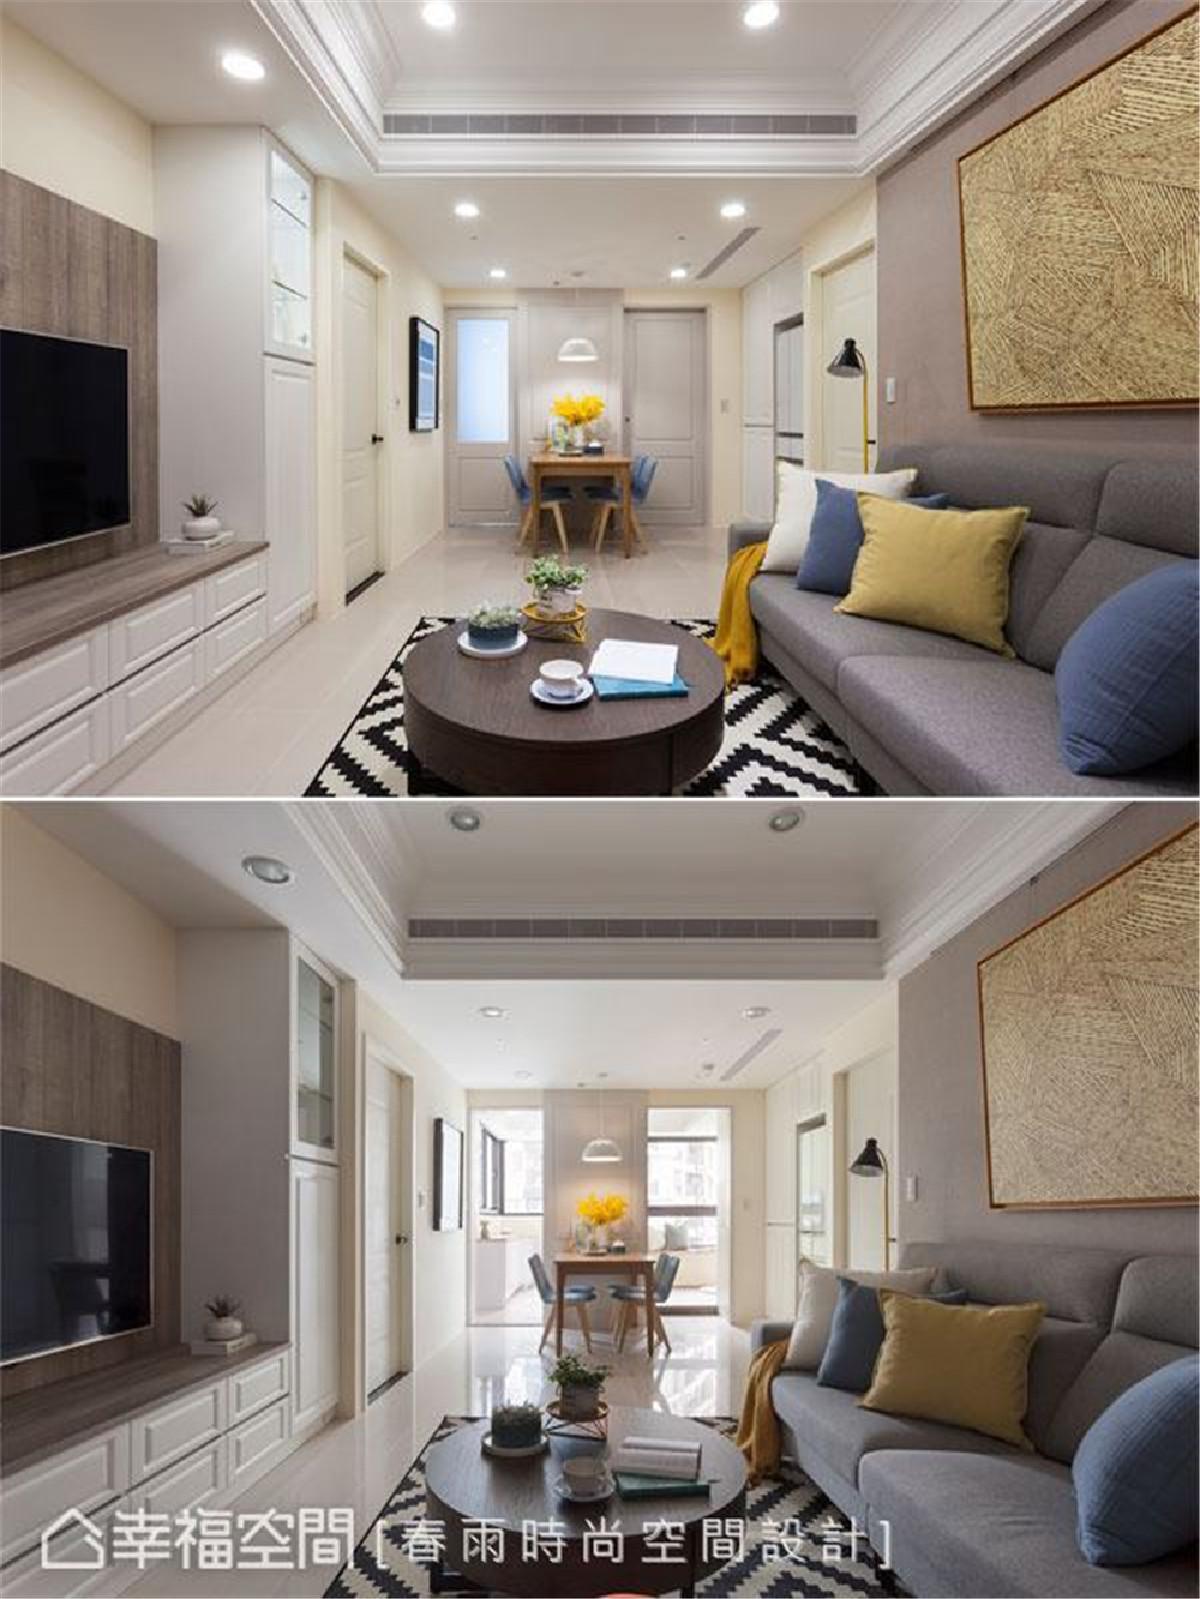 光源配置 客厅底端的厨房与多功能室是采光面,特别在厨房门片做了半透明玻璃设计,即便阖上房门也能感受到自然光晕。